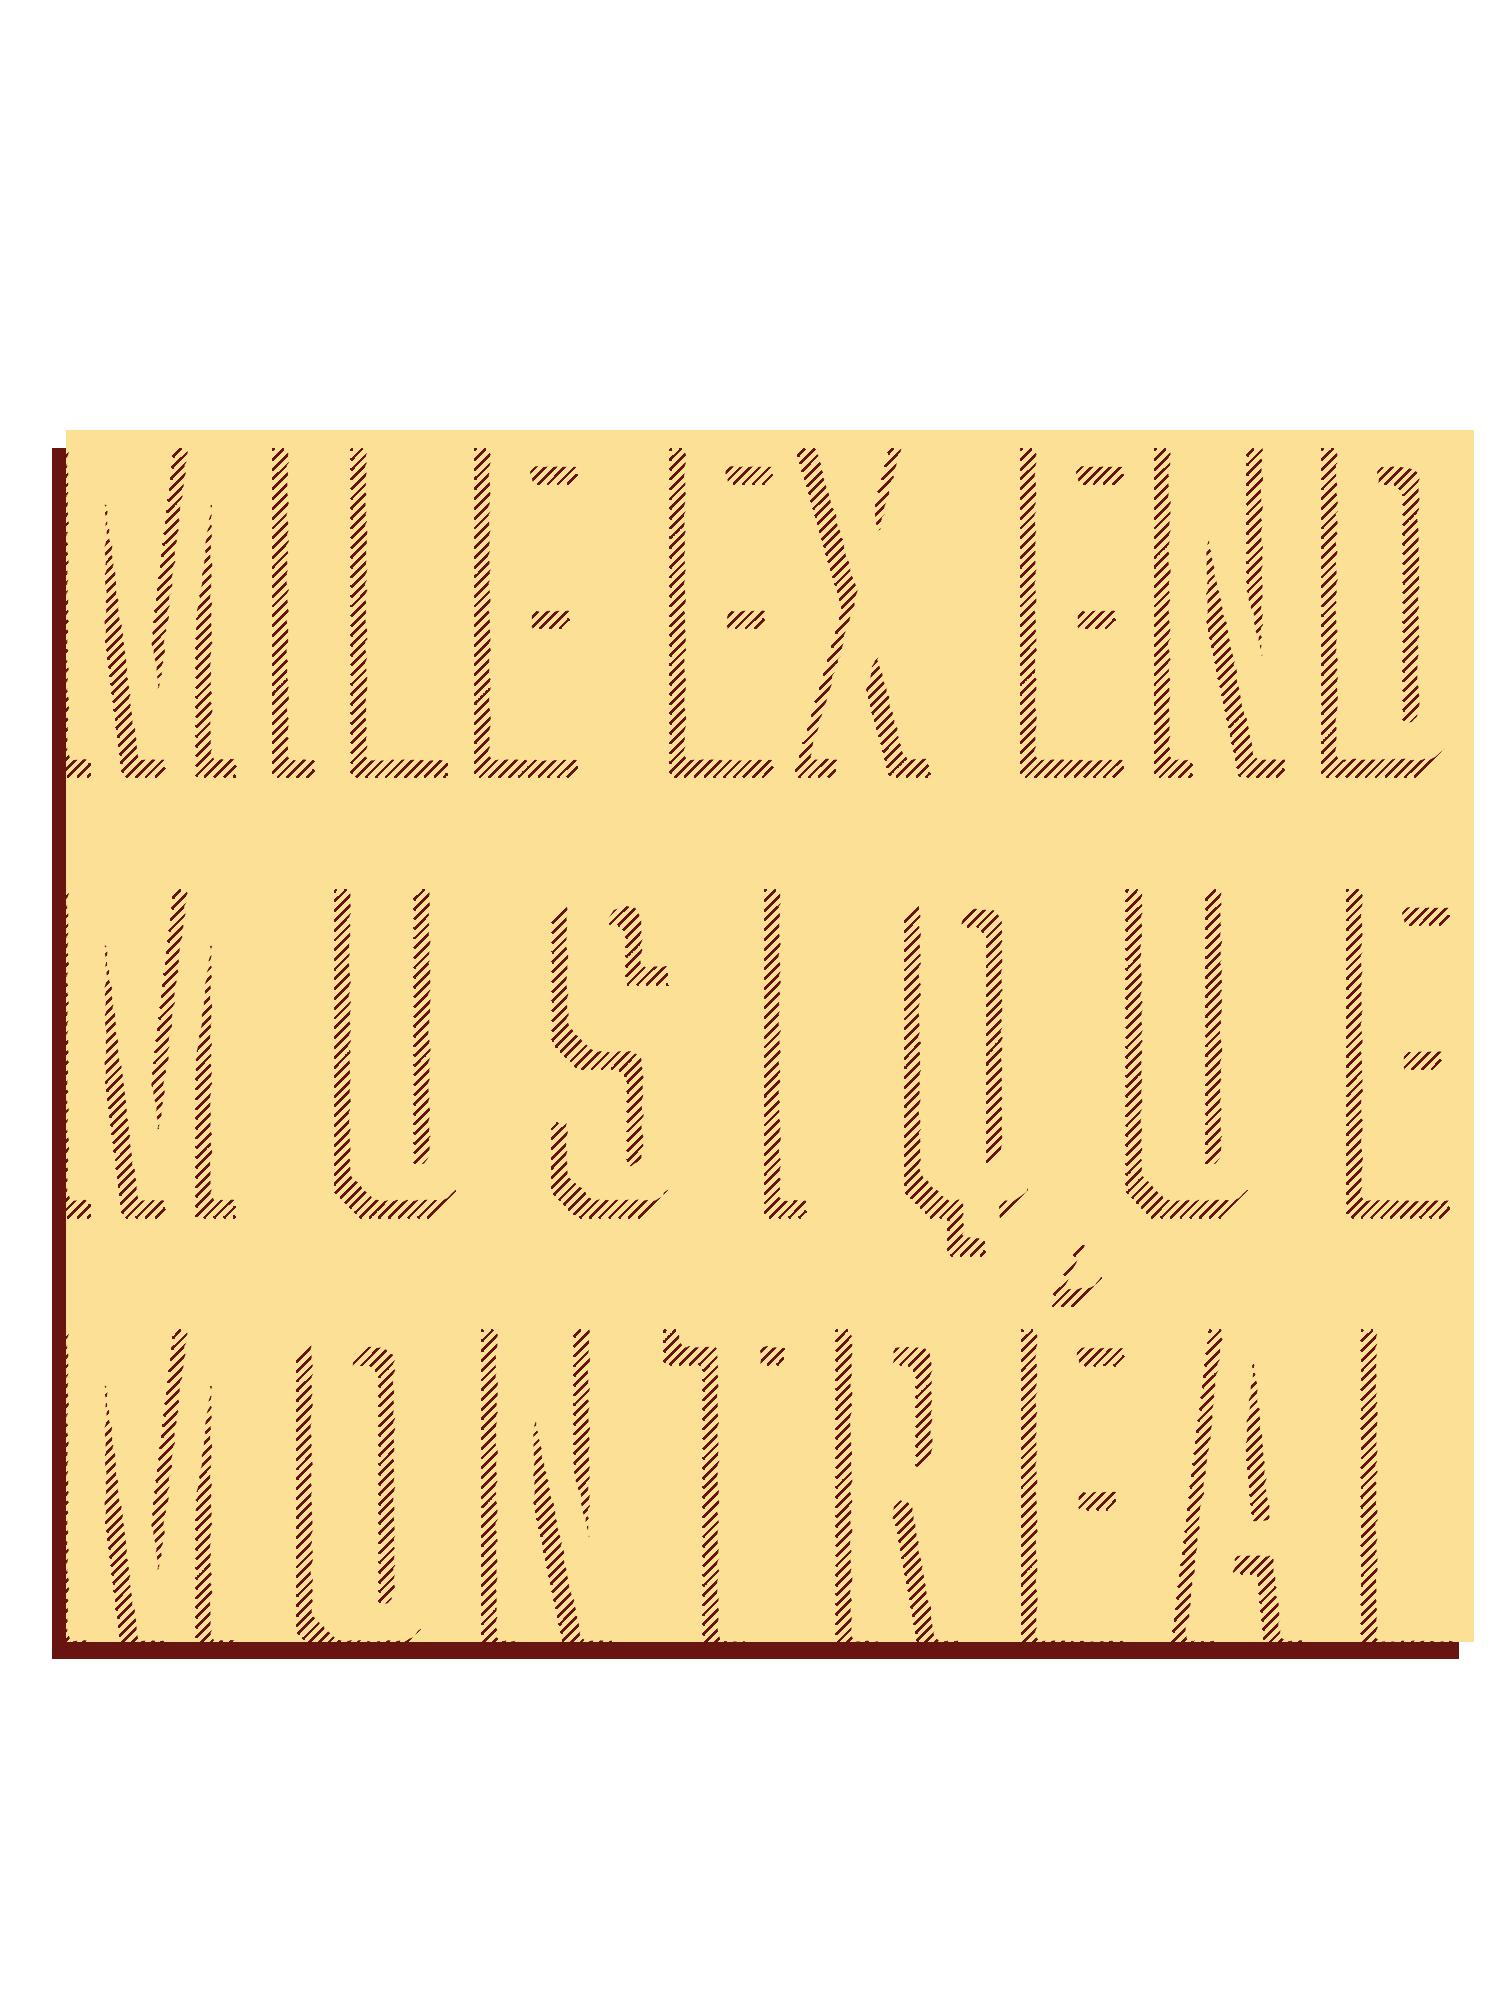 Mile ExEnd Musique Montréal